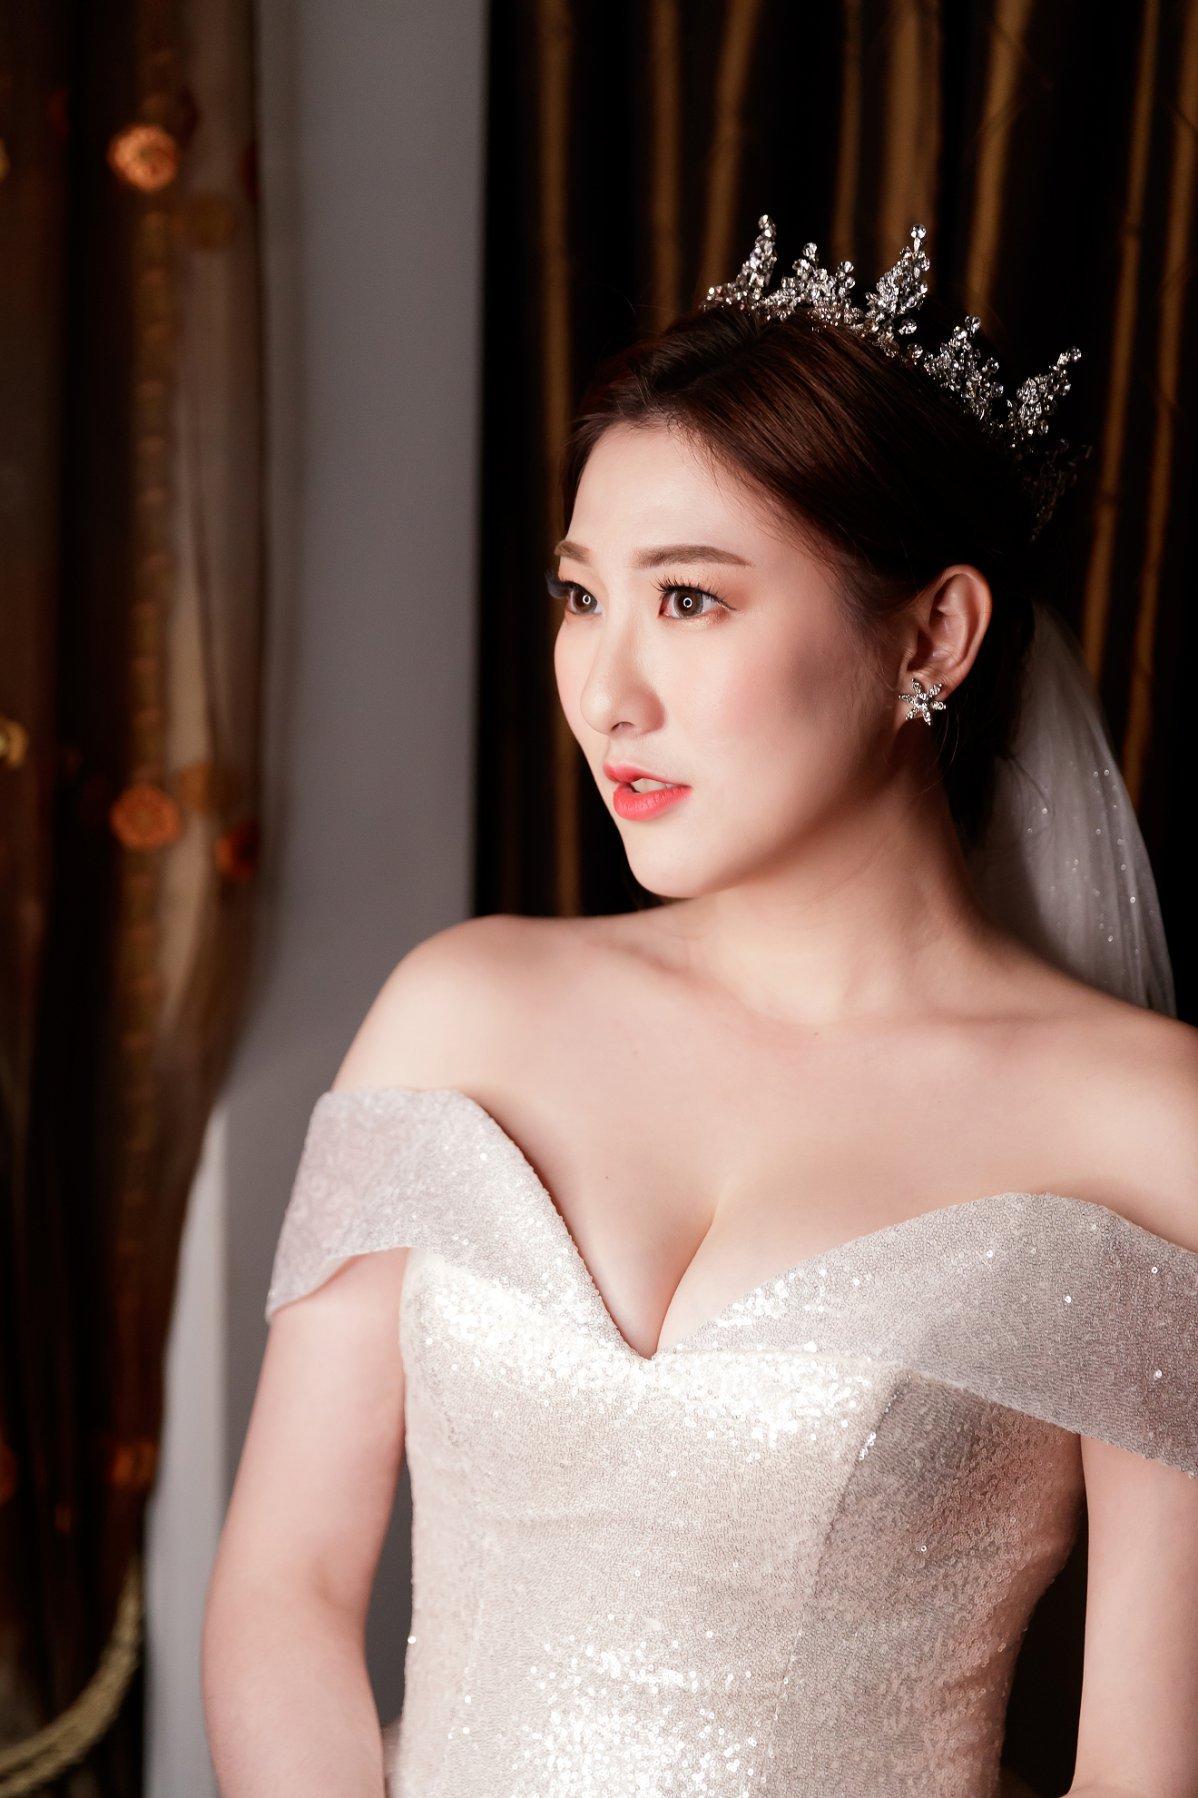 婚攝作品,台中林皇宮花園婚攝,婚攝森森,婚禮攝影,婚禮紀錄,新娘房類婚紗拍攝